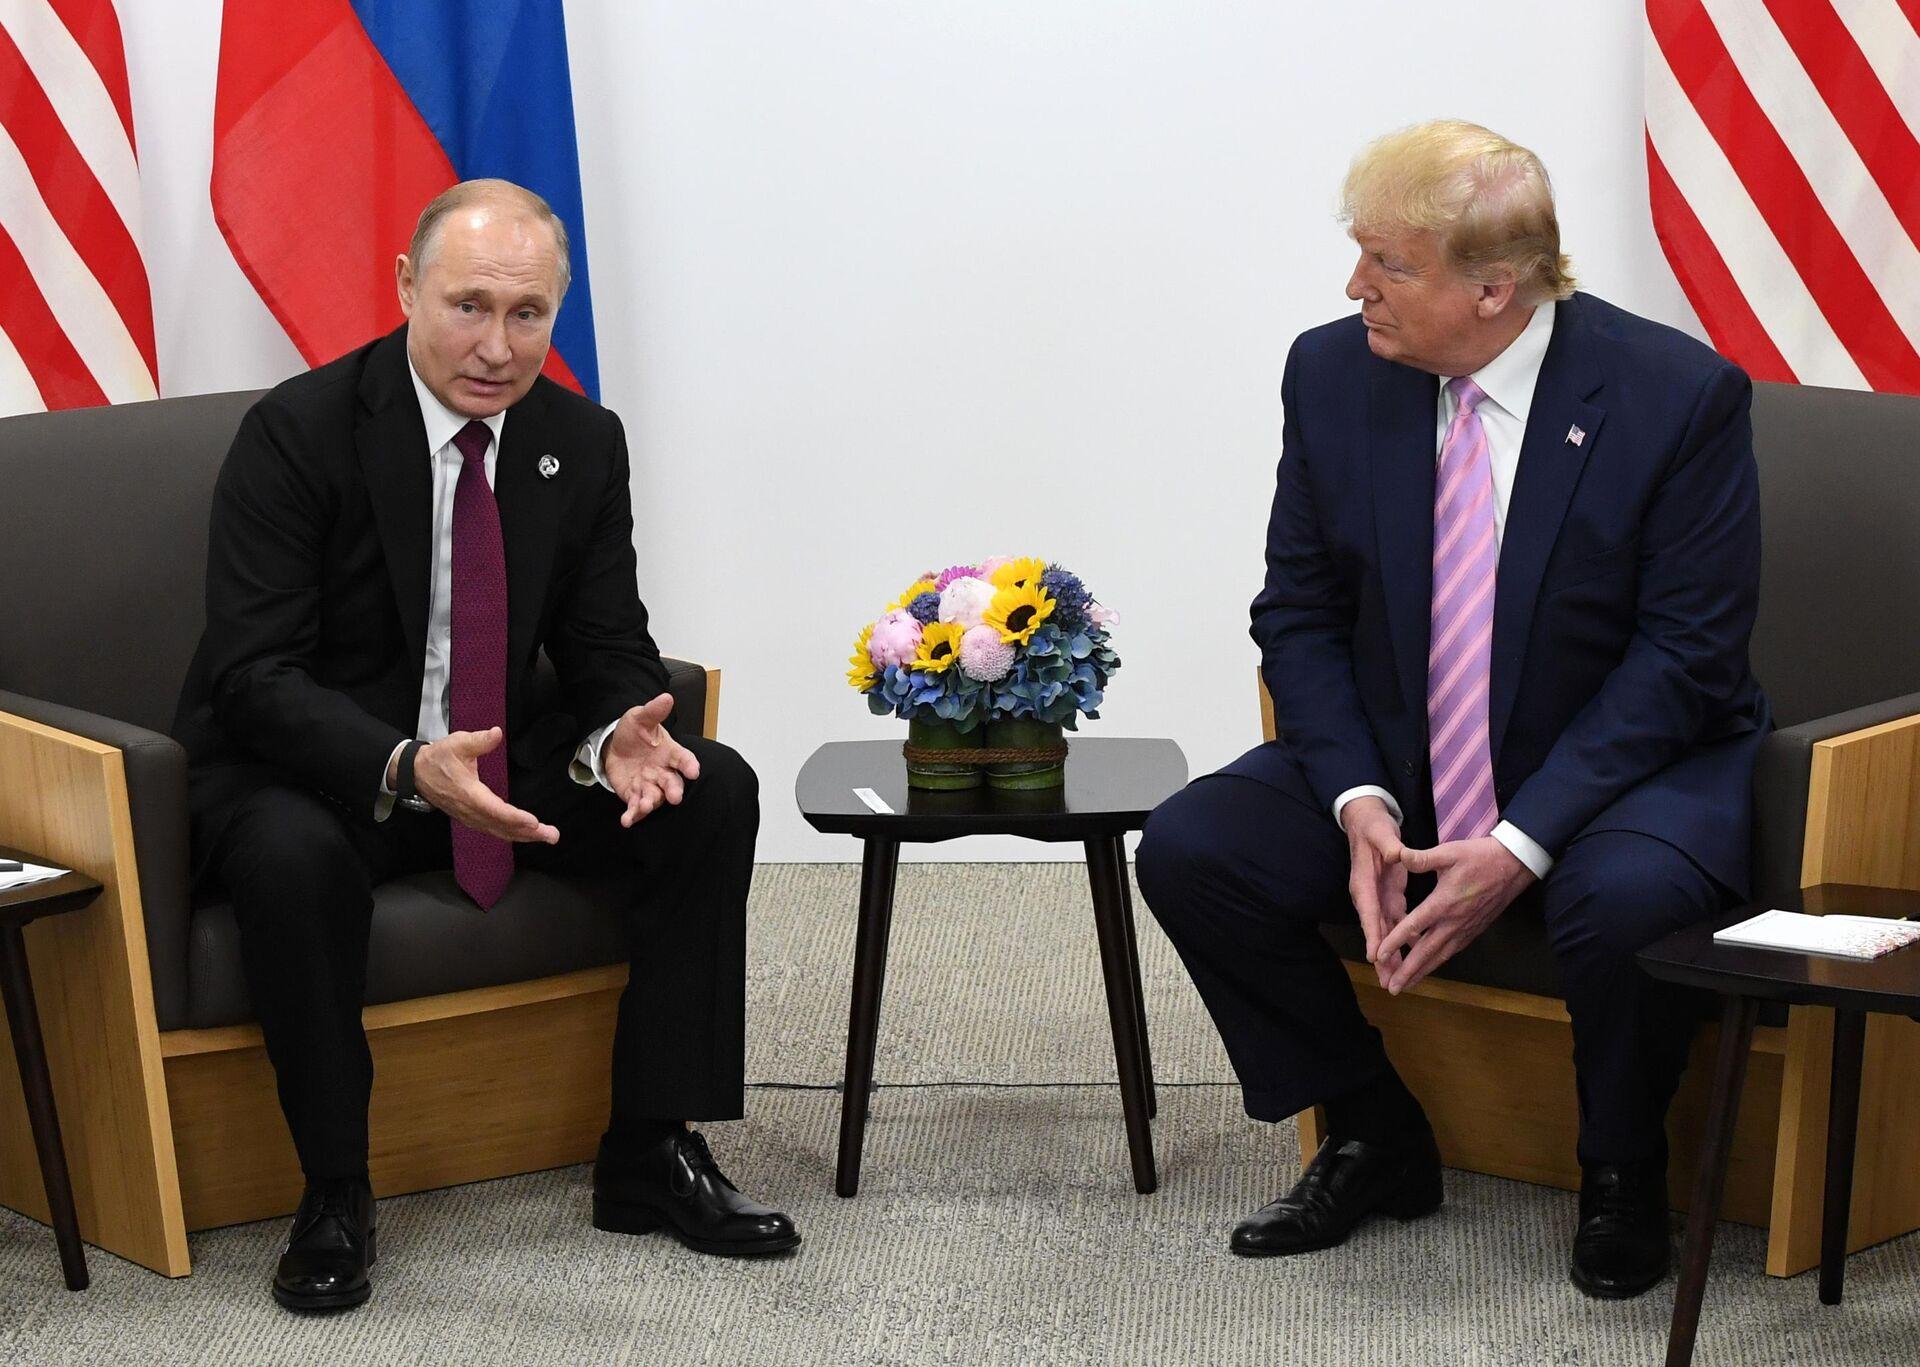 Президент РФ Владимир Путин и президент США Дональд Трамп (справа) во время встречи на полях саммита Группы двадцати в Осаке - РИА Новости, 1920, 30.07.2021